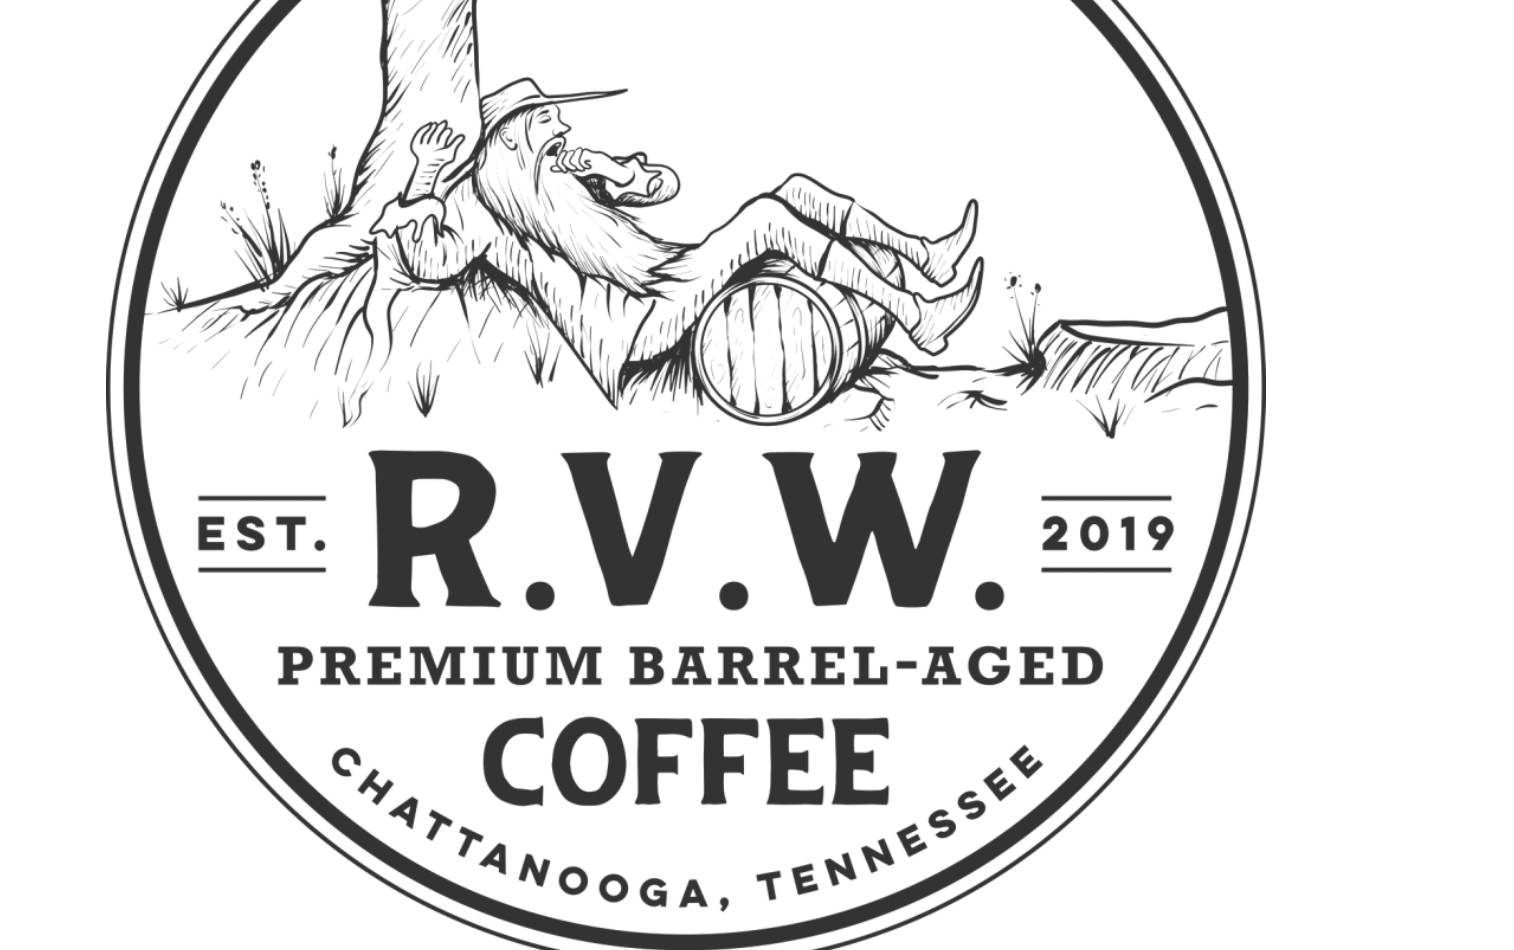 Coffee Tasting w/ R.V.W. Premium Barrel Aged Coffee